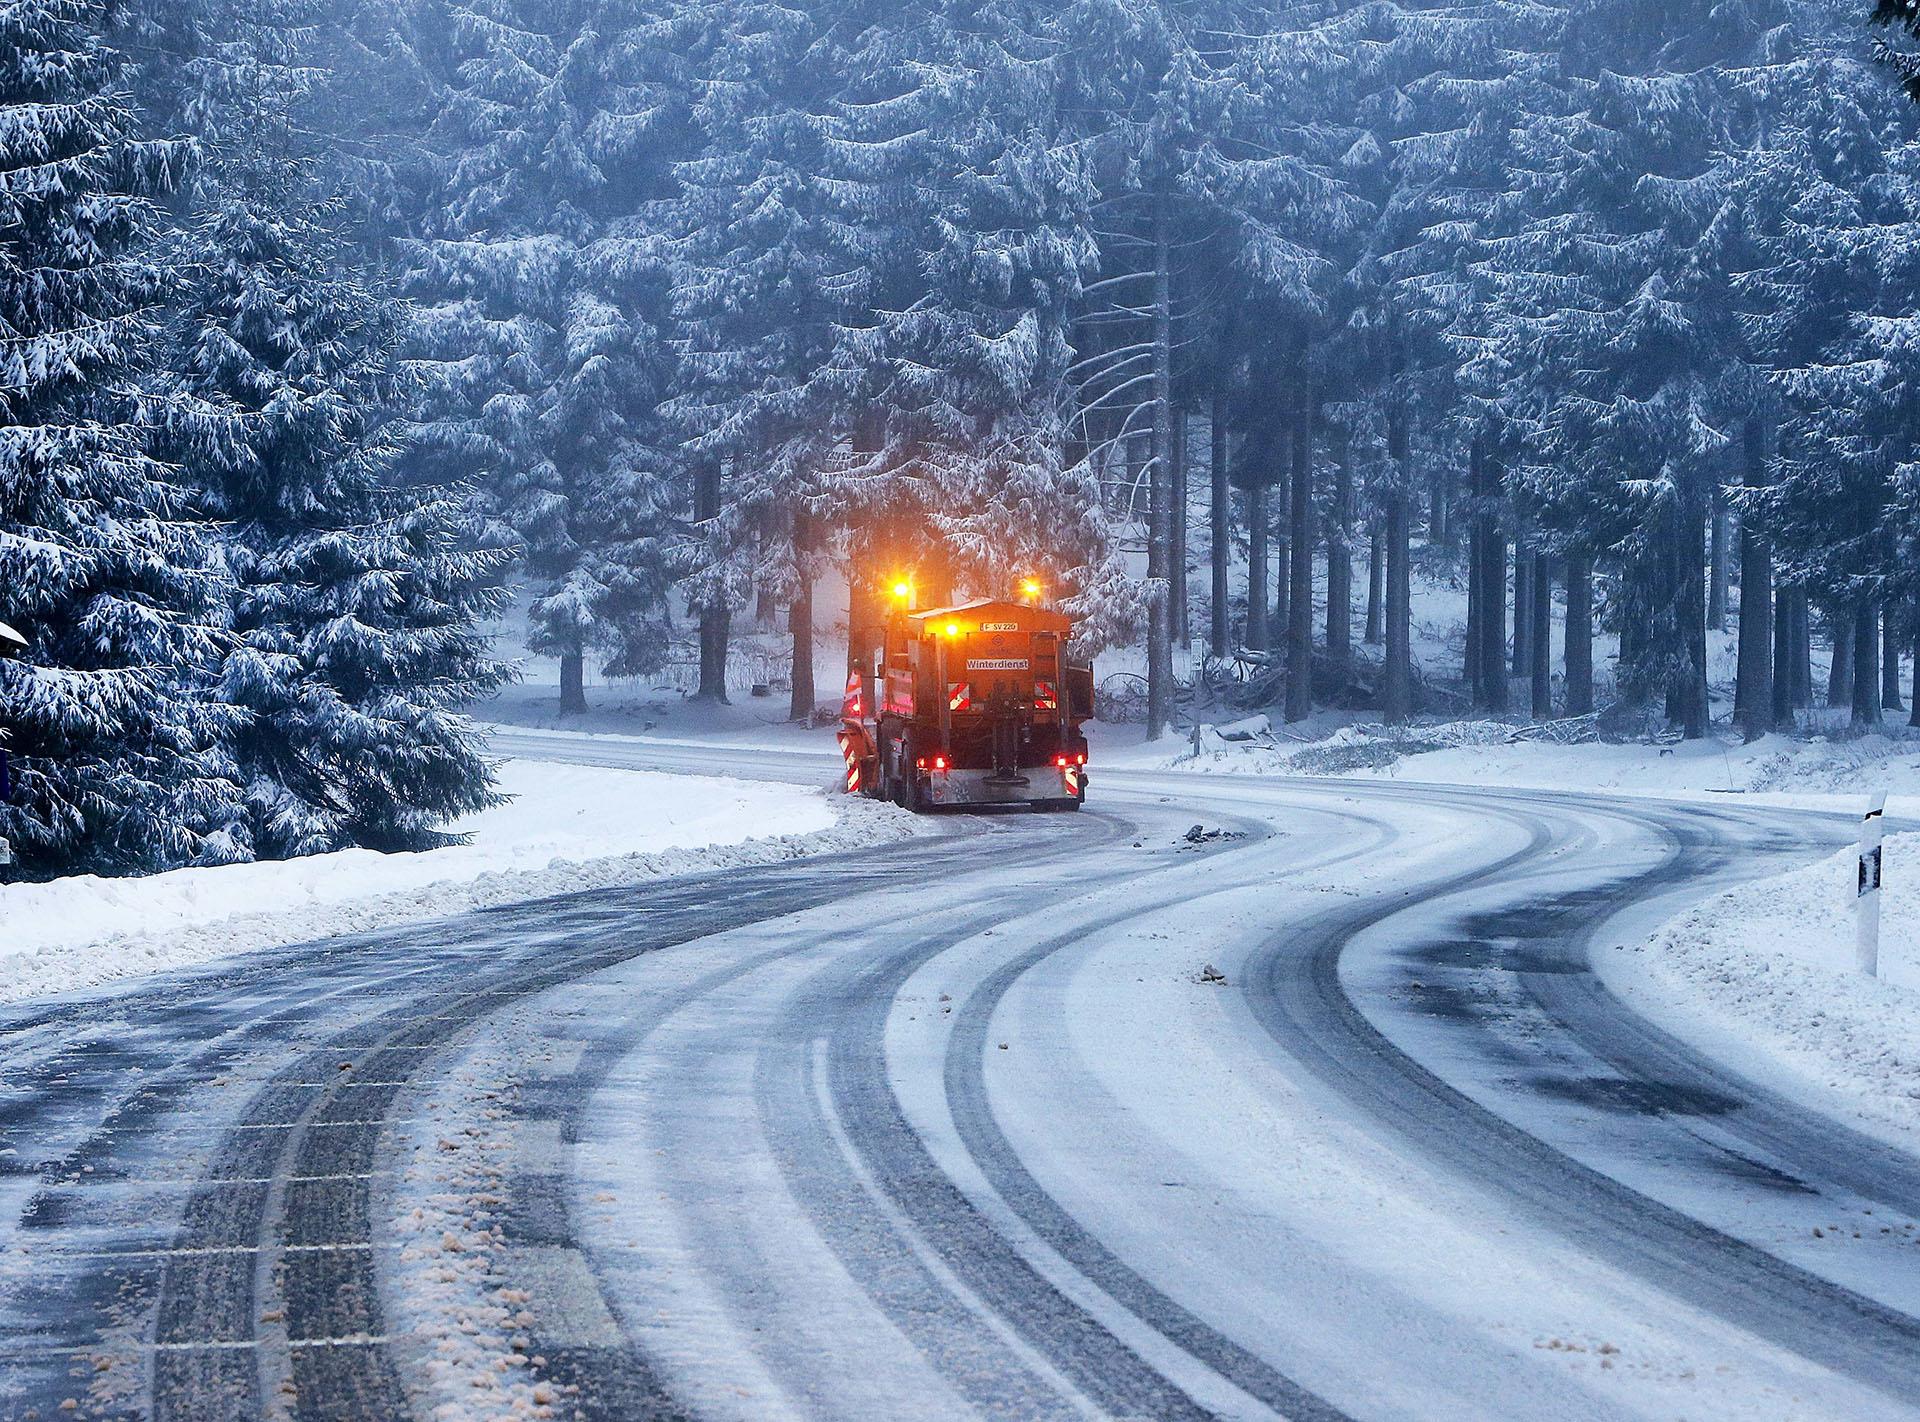 Un quitanieves despeja el camino hasta la montaña Feldberg cerca de Frankfurt, Alemania, después de nevadas el miércoles 17 de enero de 2018 (AP)